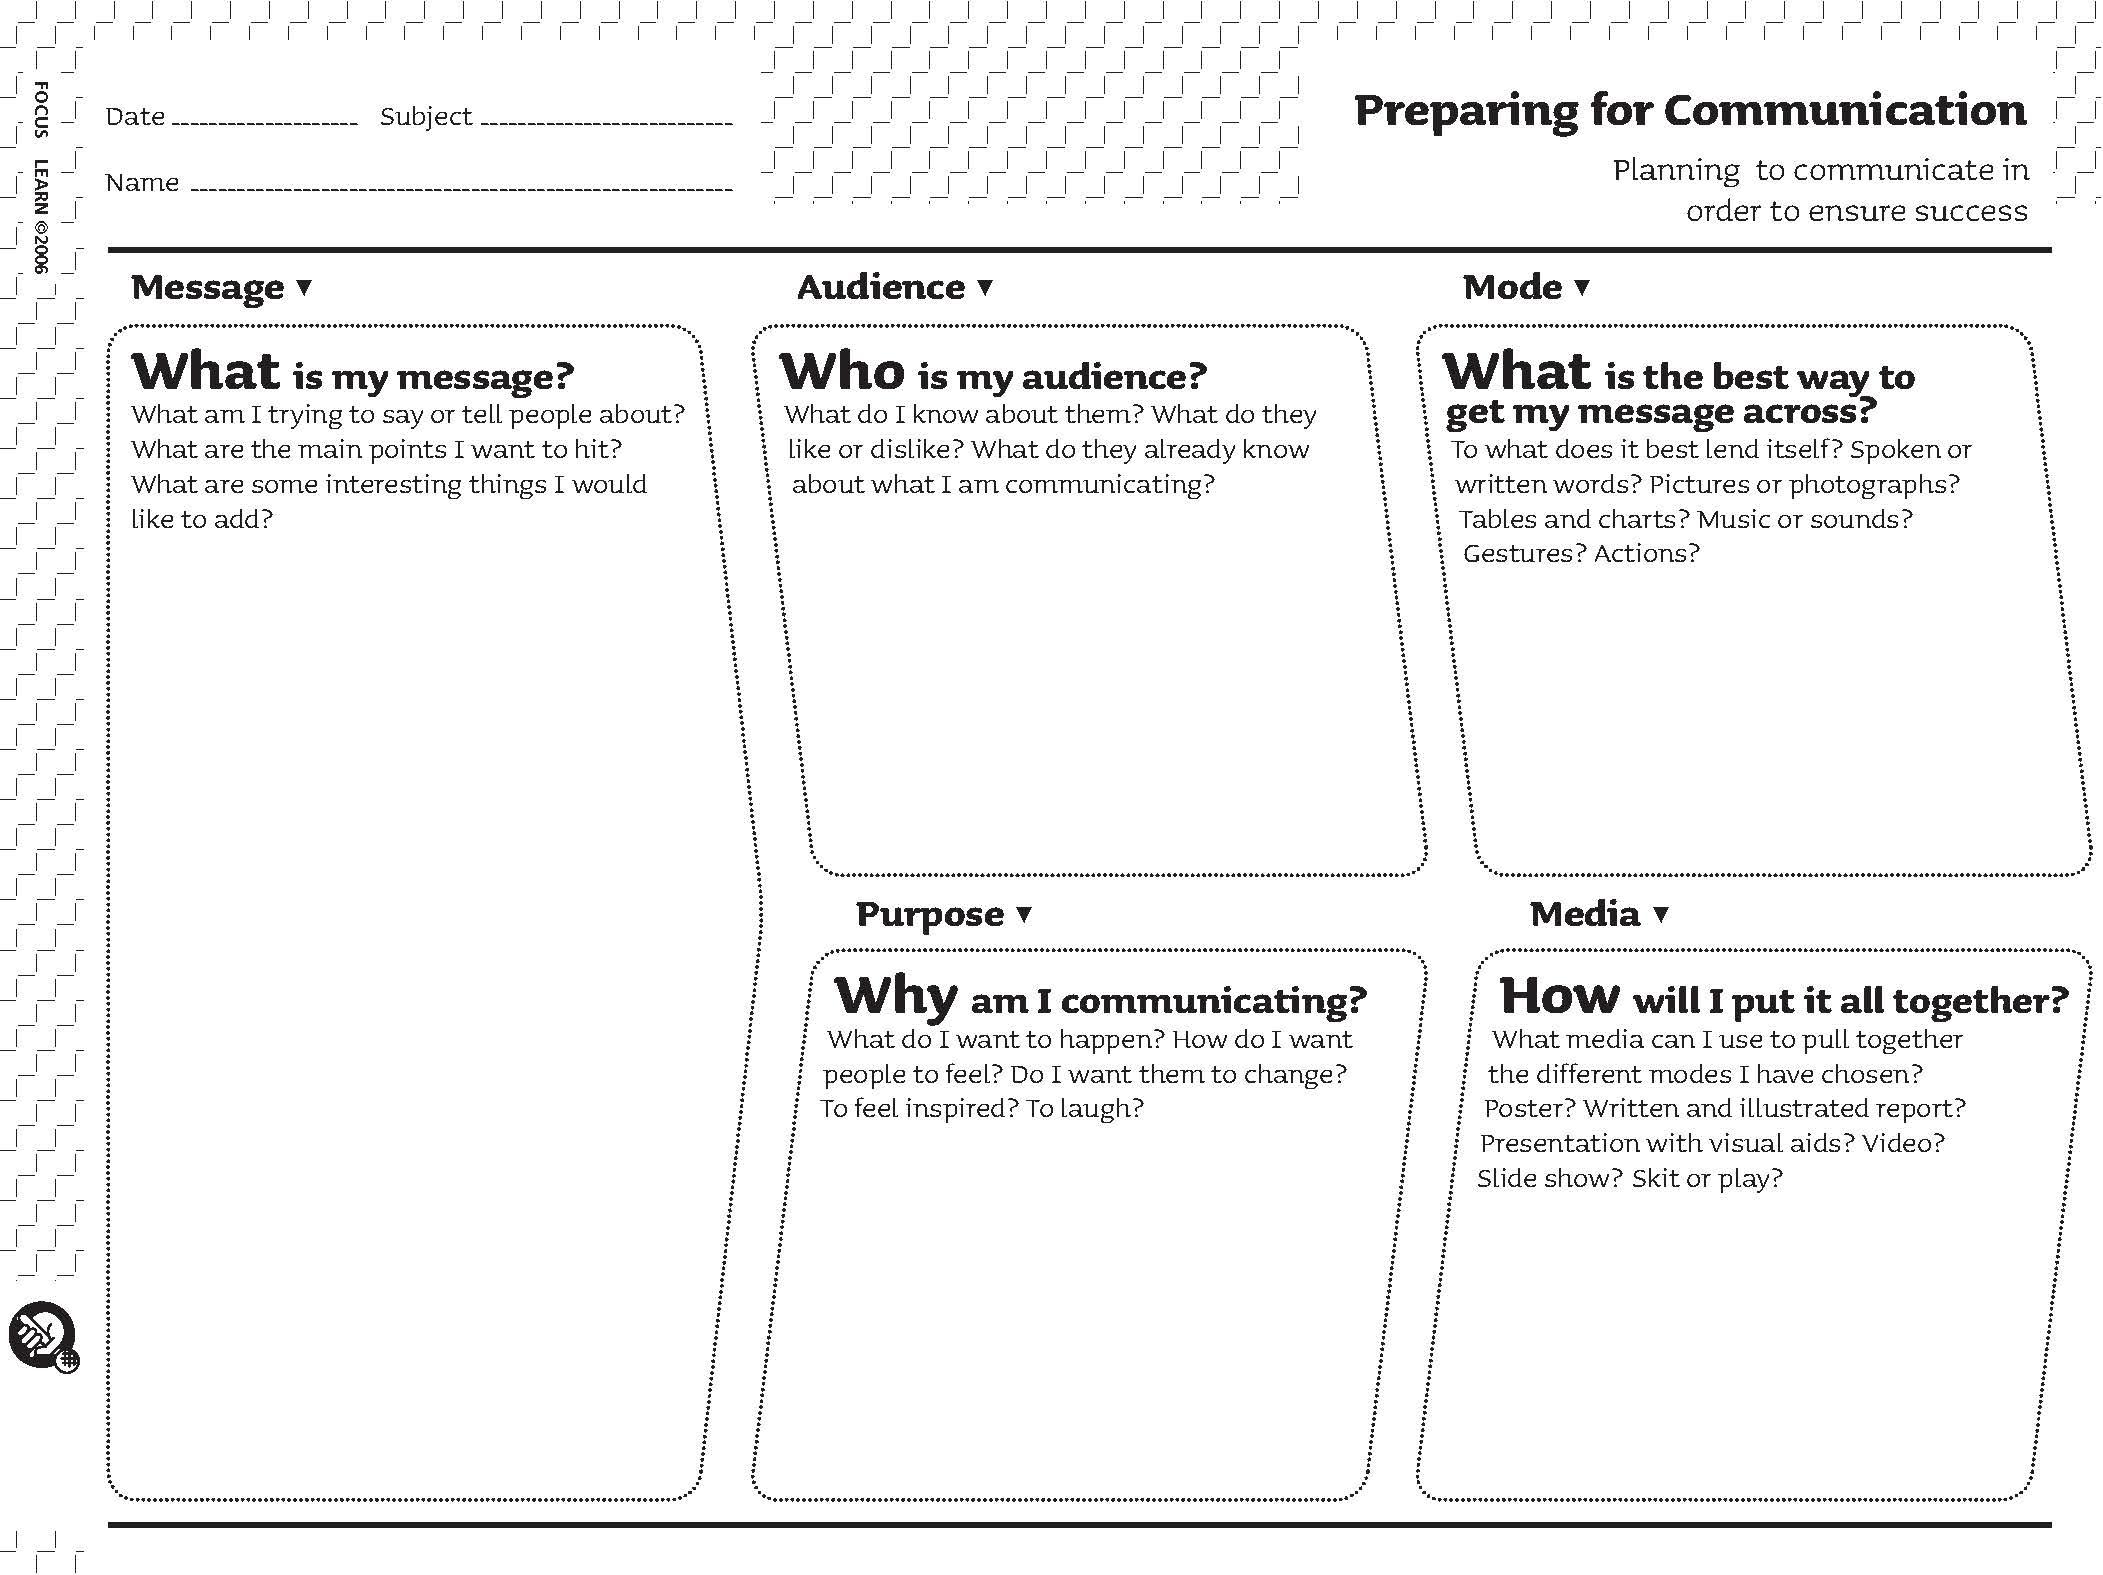 Preparing for Communication